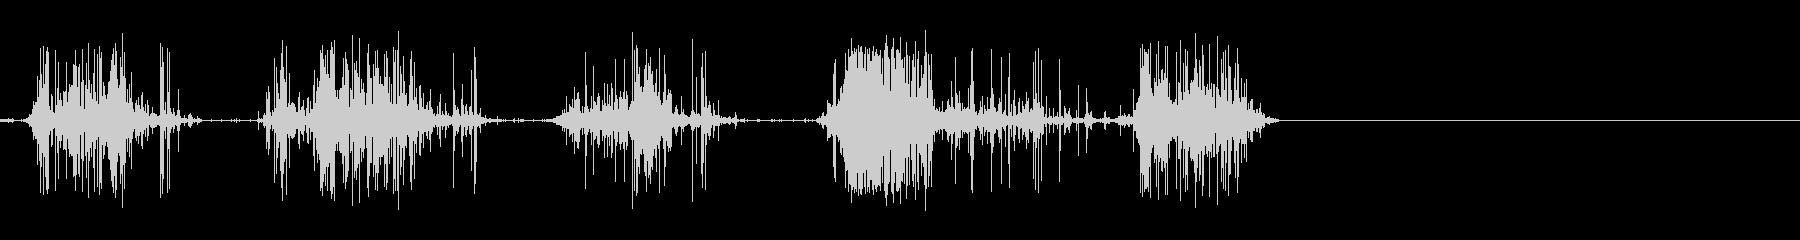 枯れ葉を踏む足音(シャリシャリ)の未再生の波形